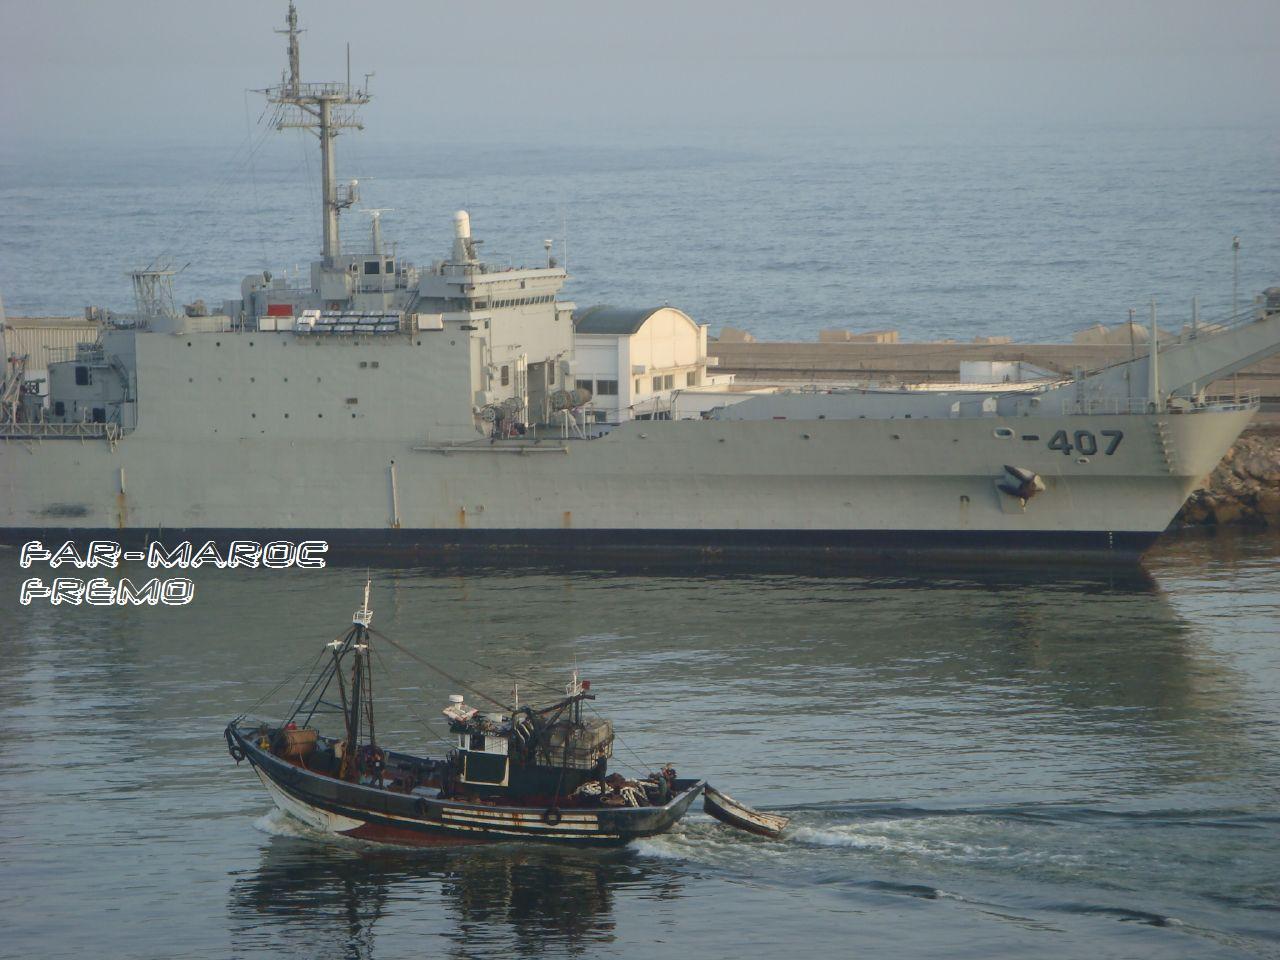 نظام الدفاع البحري Phalanx CIWS خط الدفاع الاخيرة للقطع الحربية البحرية! 92703610